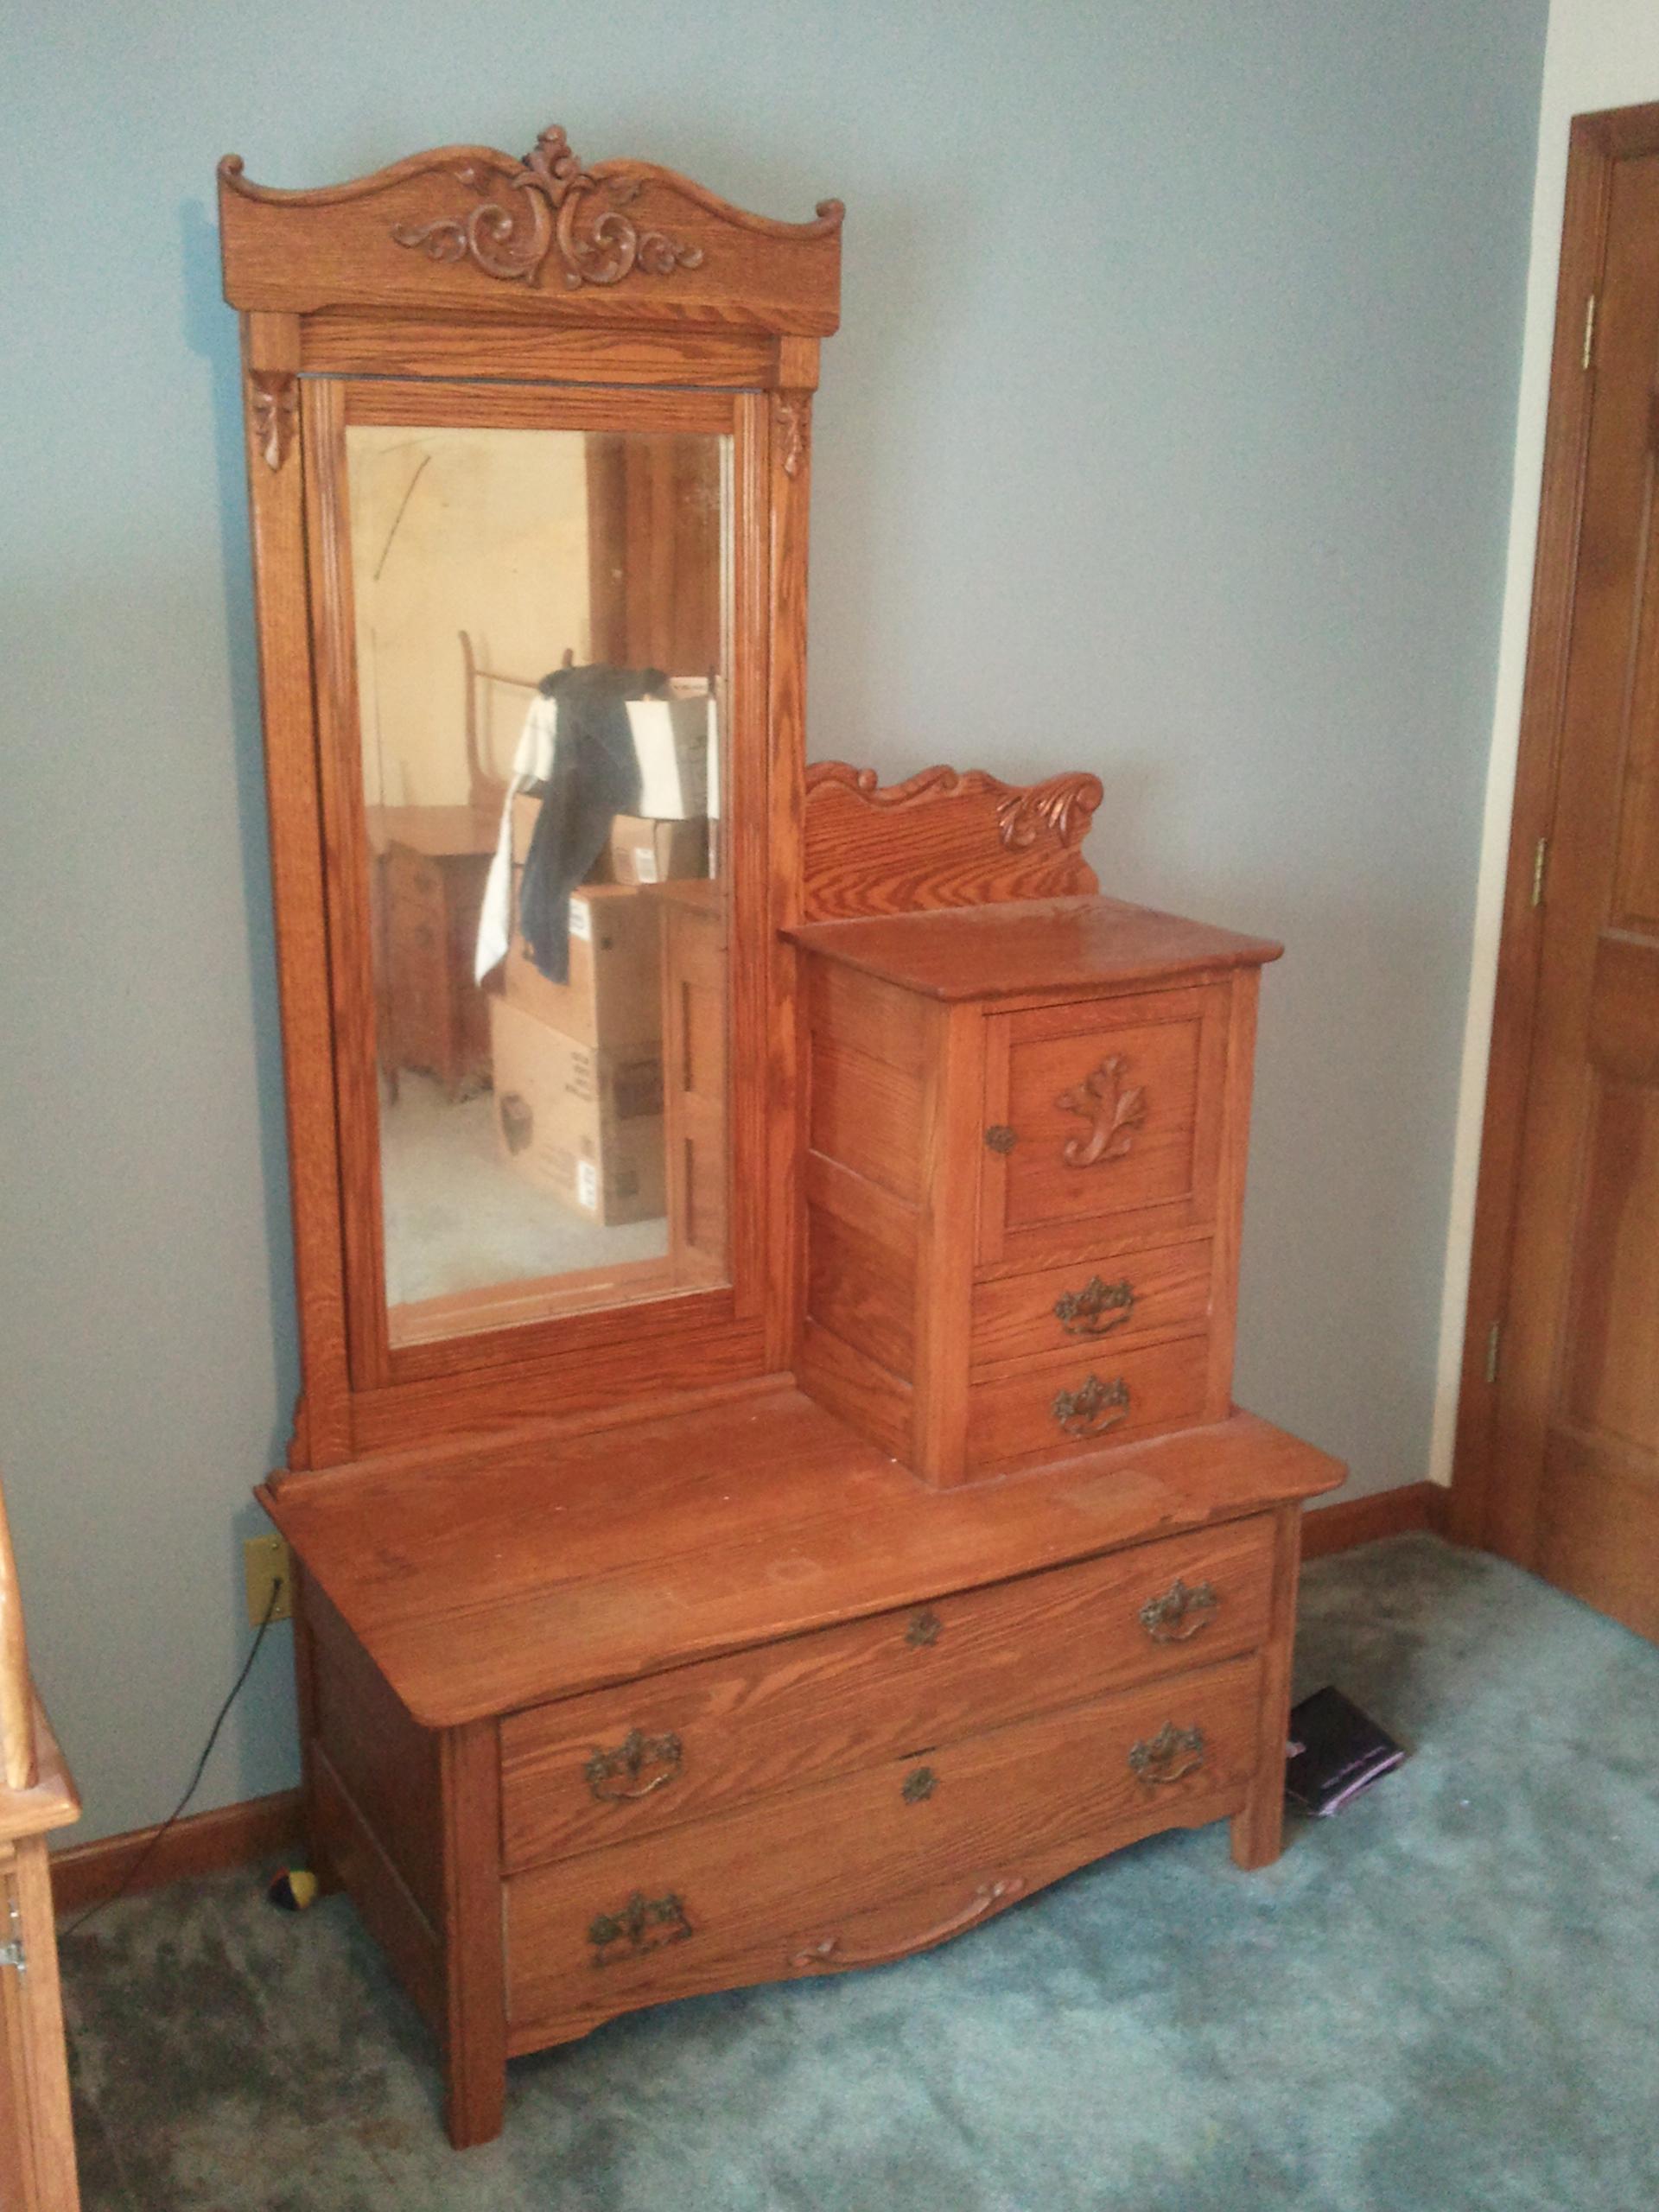 3 Piece Antique Bedroom Set For Sale Antiques